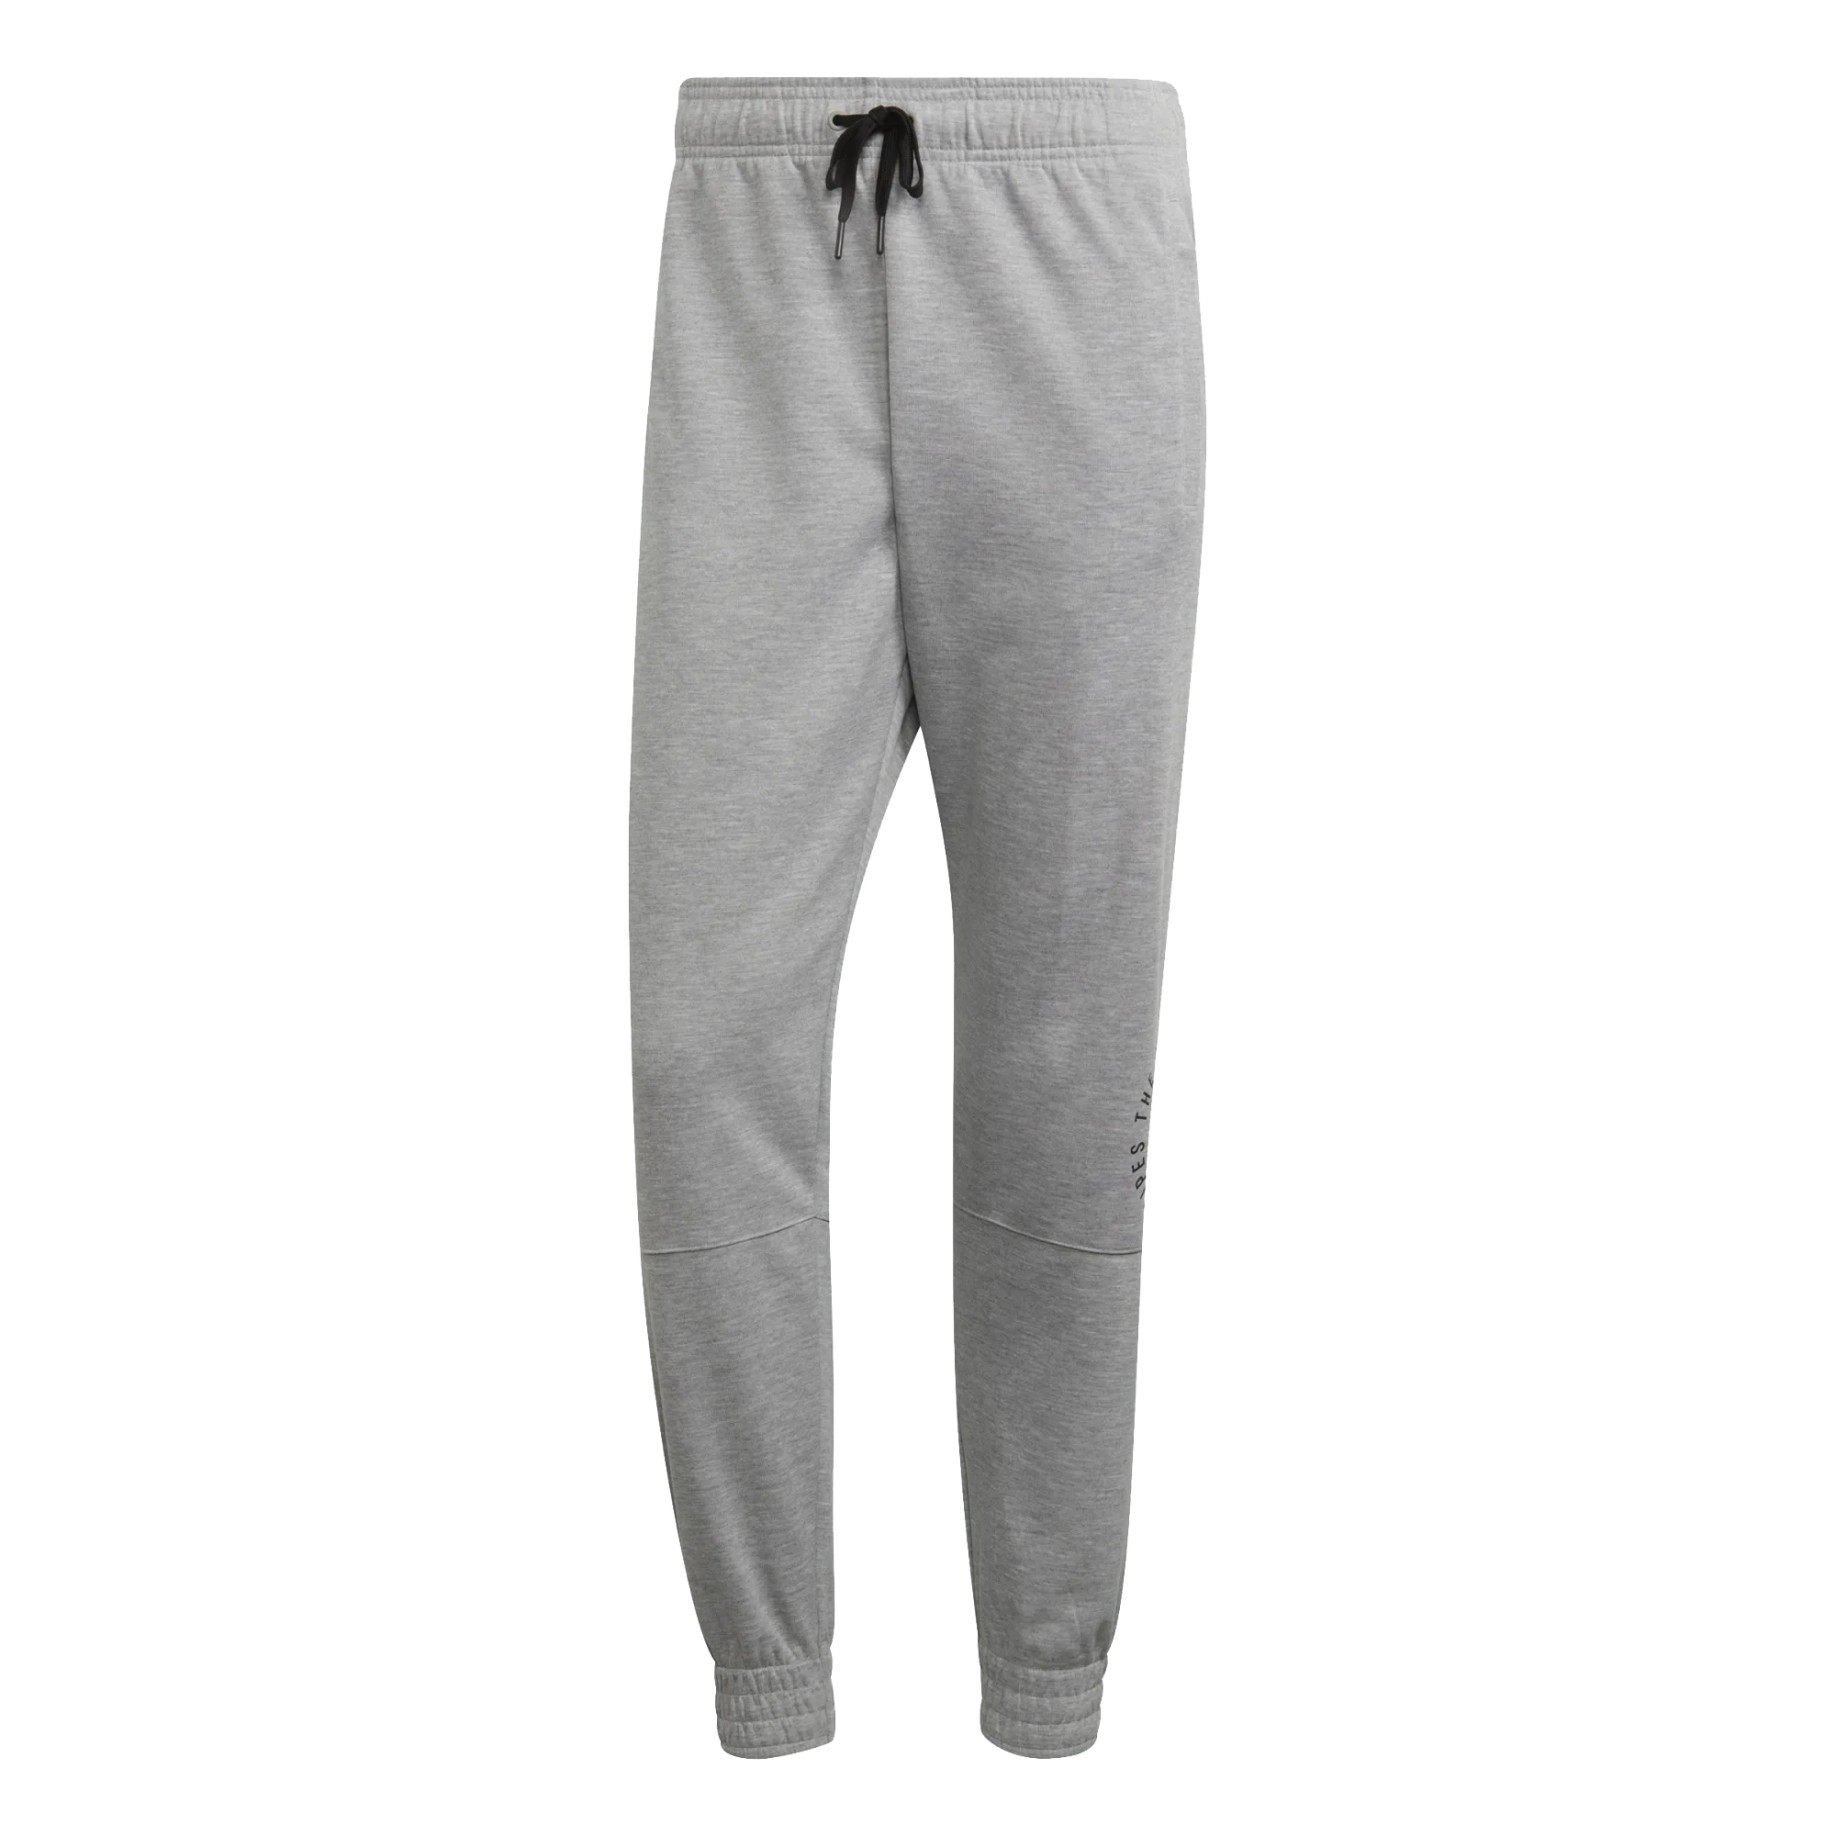 pantaloni uomo adidas grigi